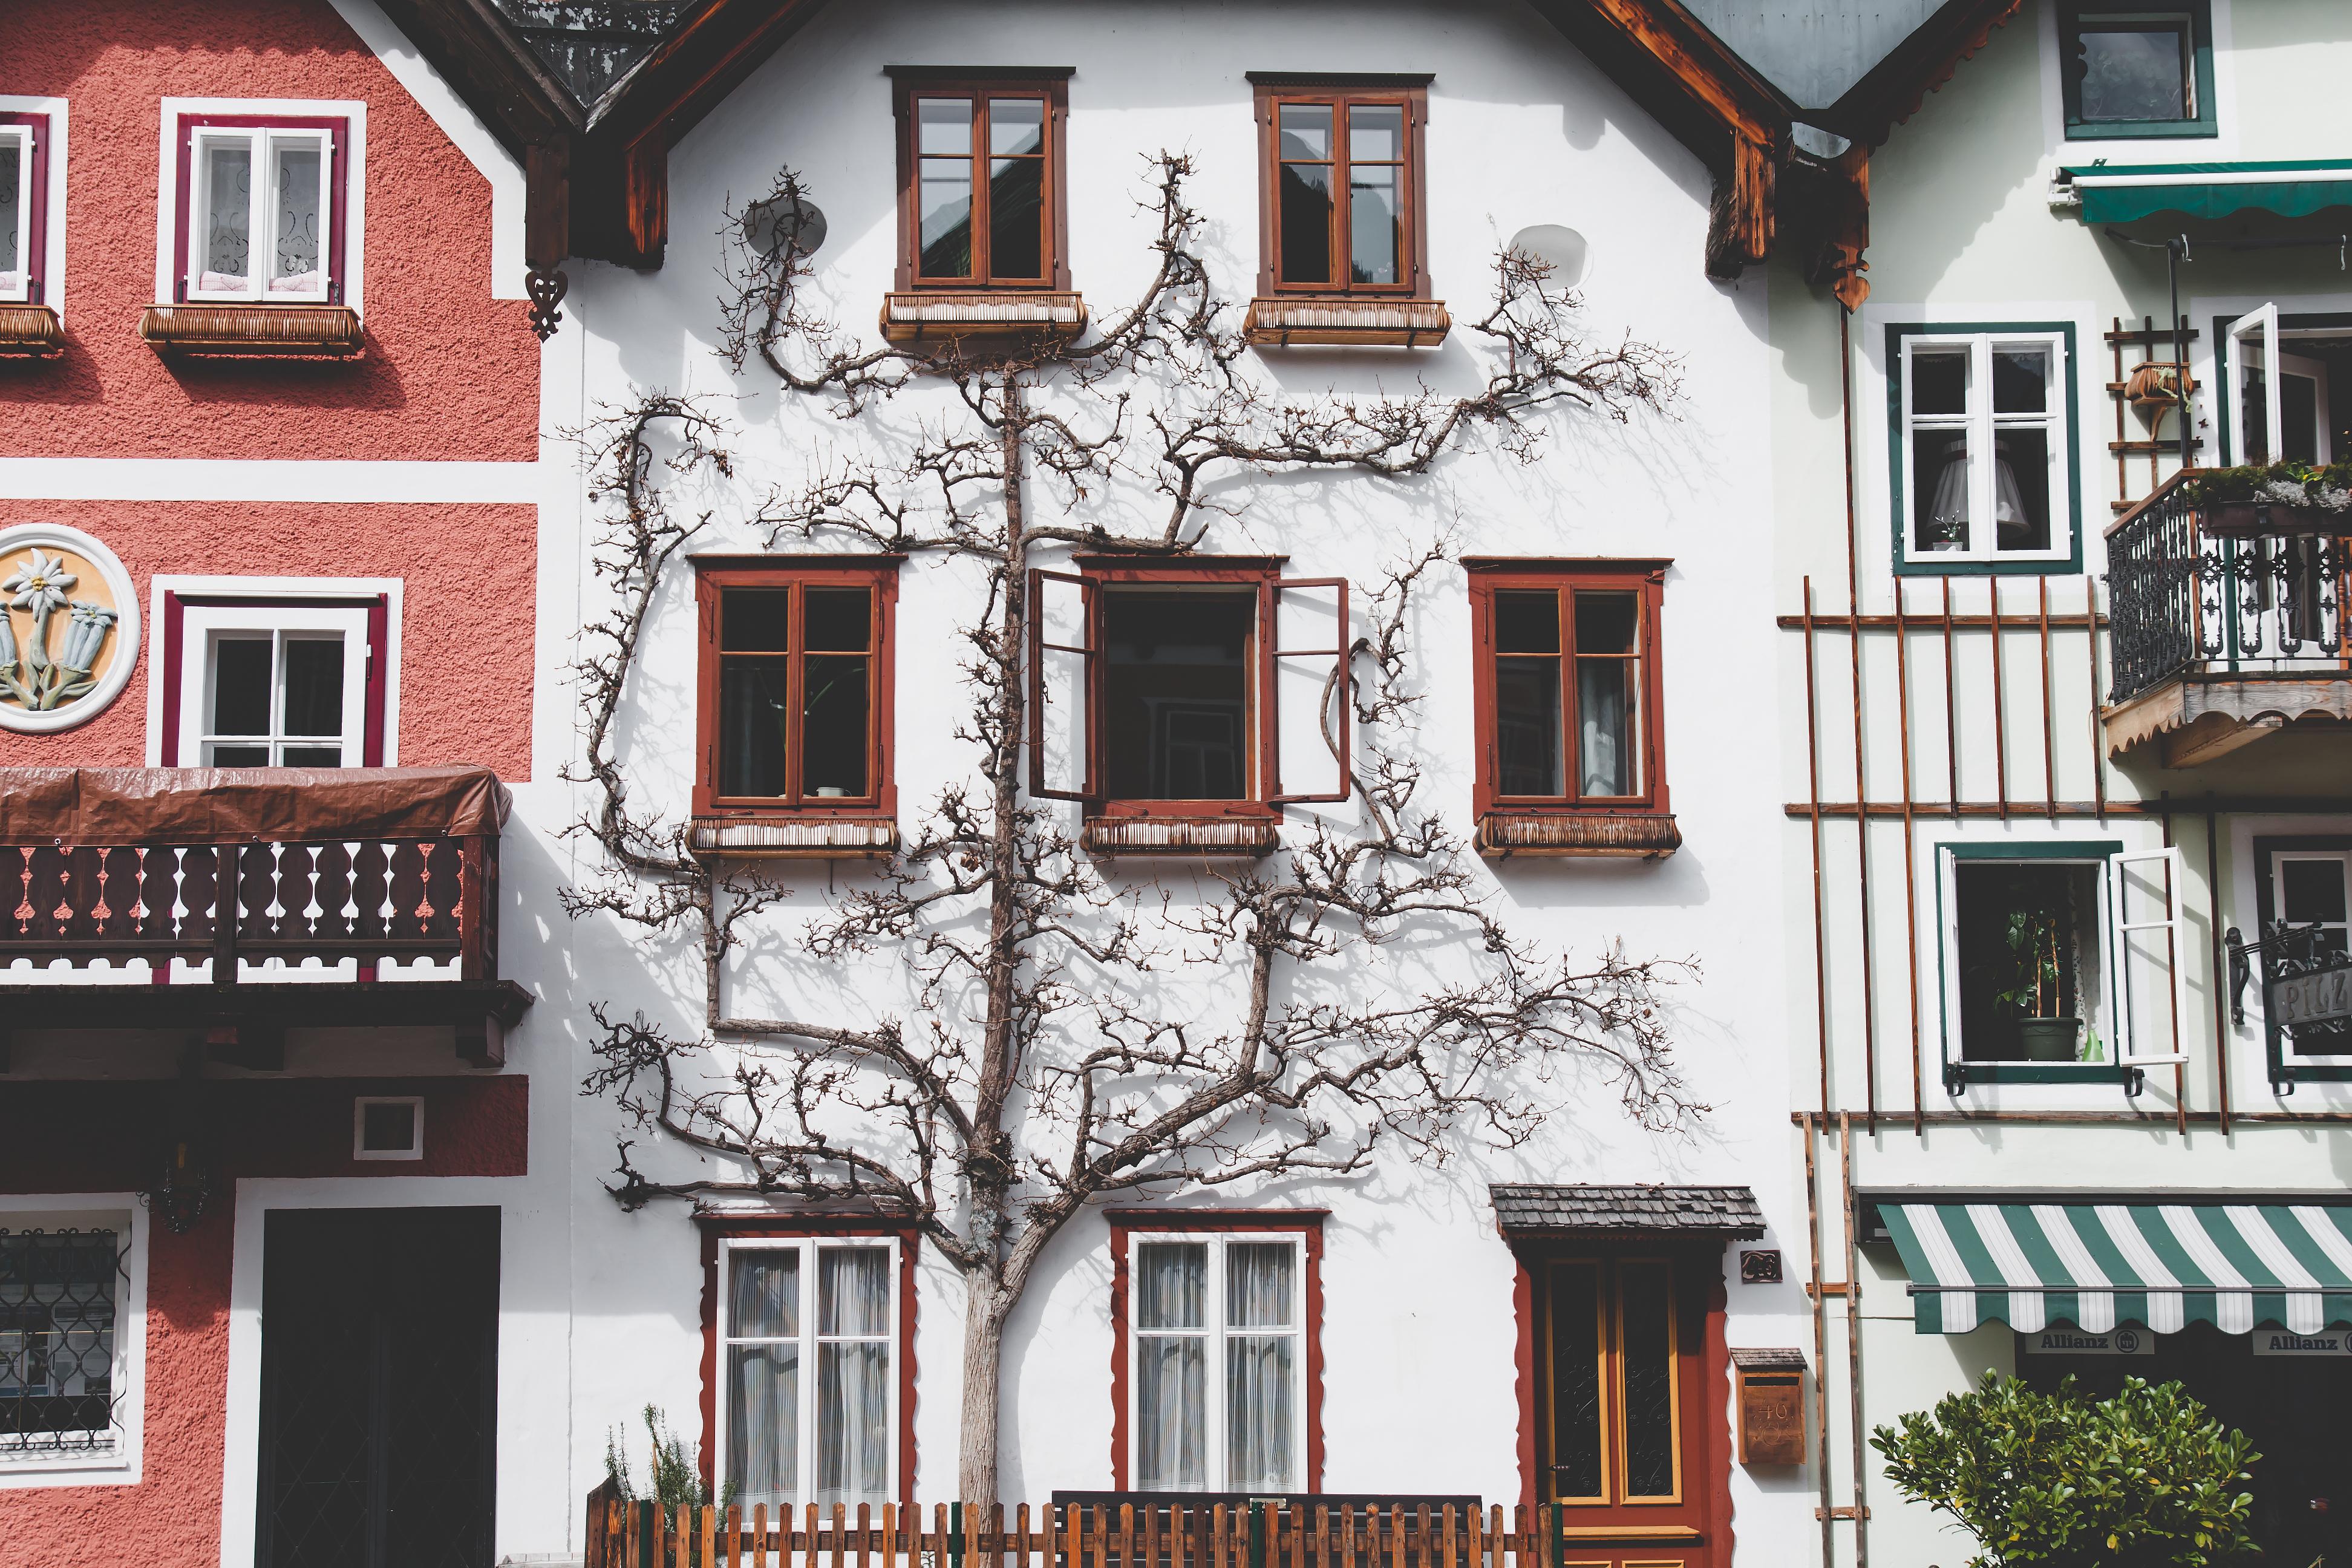 Gebrauchtimmobilie oder Neubau? In vielen Fällen ist der Altbau lukraziver.